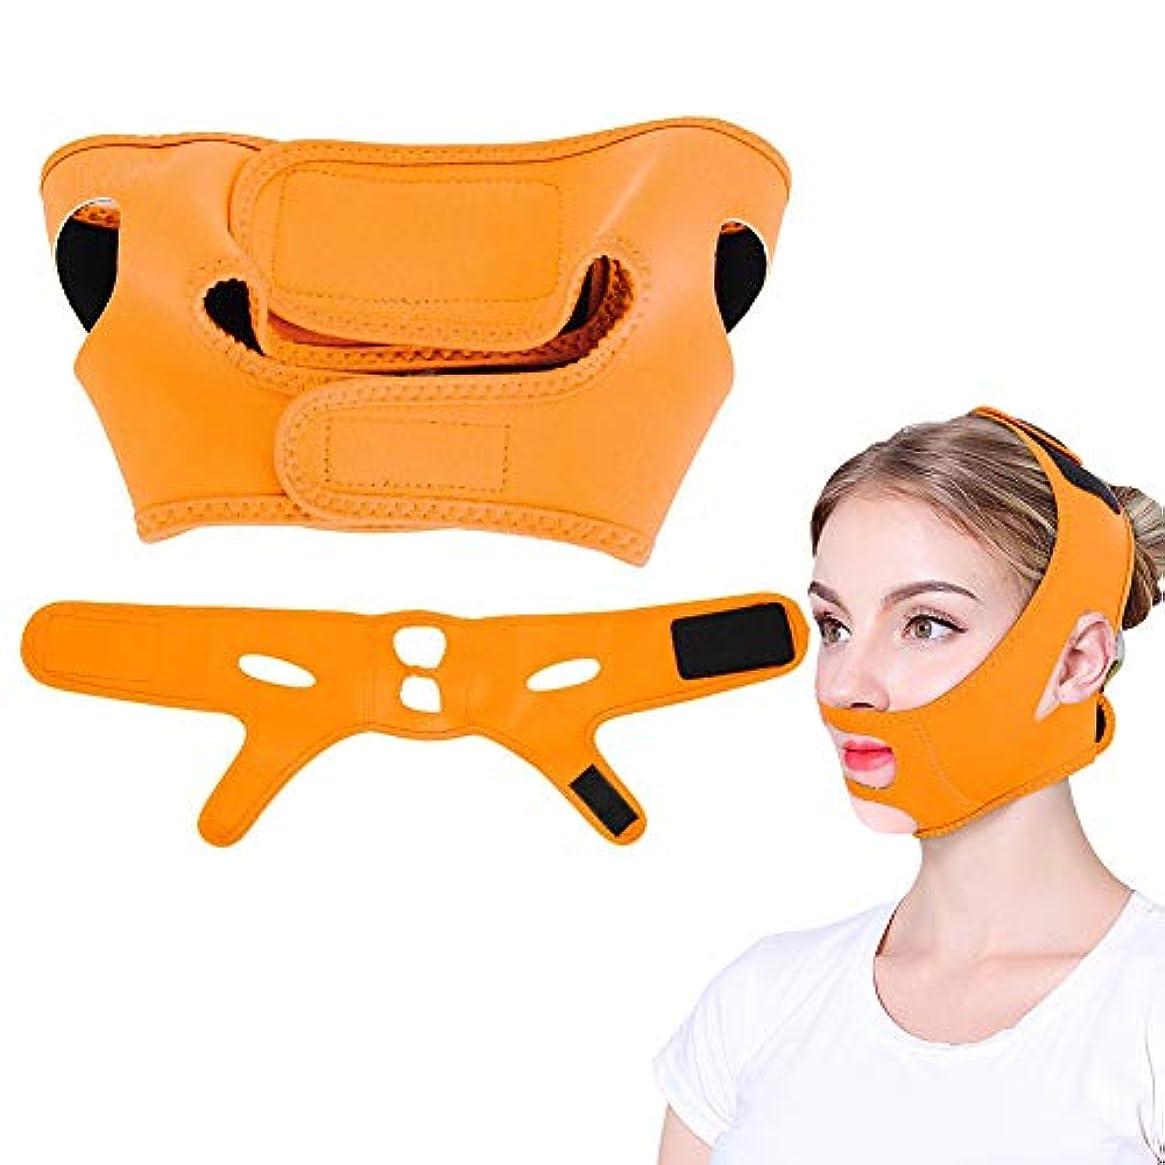 痴漢周辺周辺フェイススリミング包帯小 顔 美顔 矯正、顎リフト フェイススリミングマスク (オレンジ)